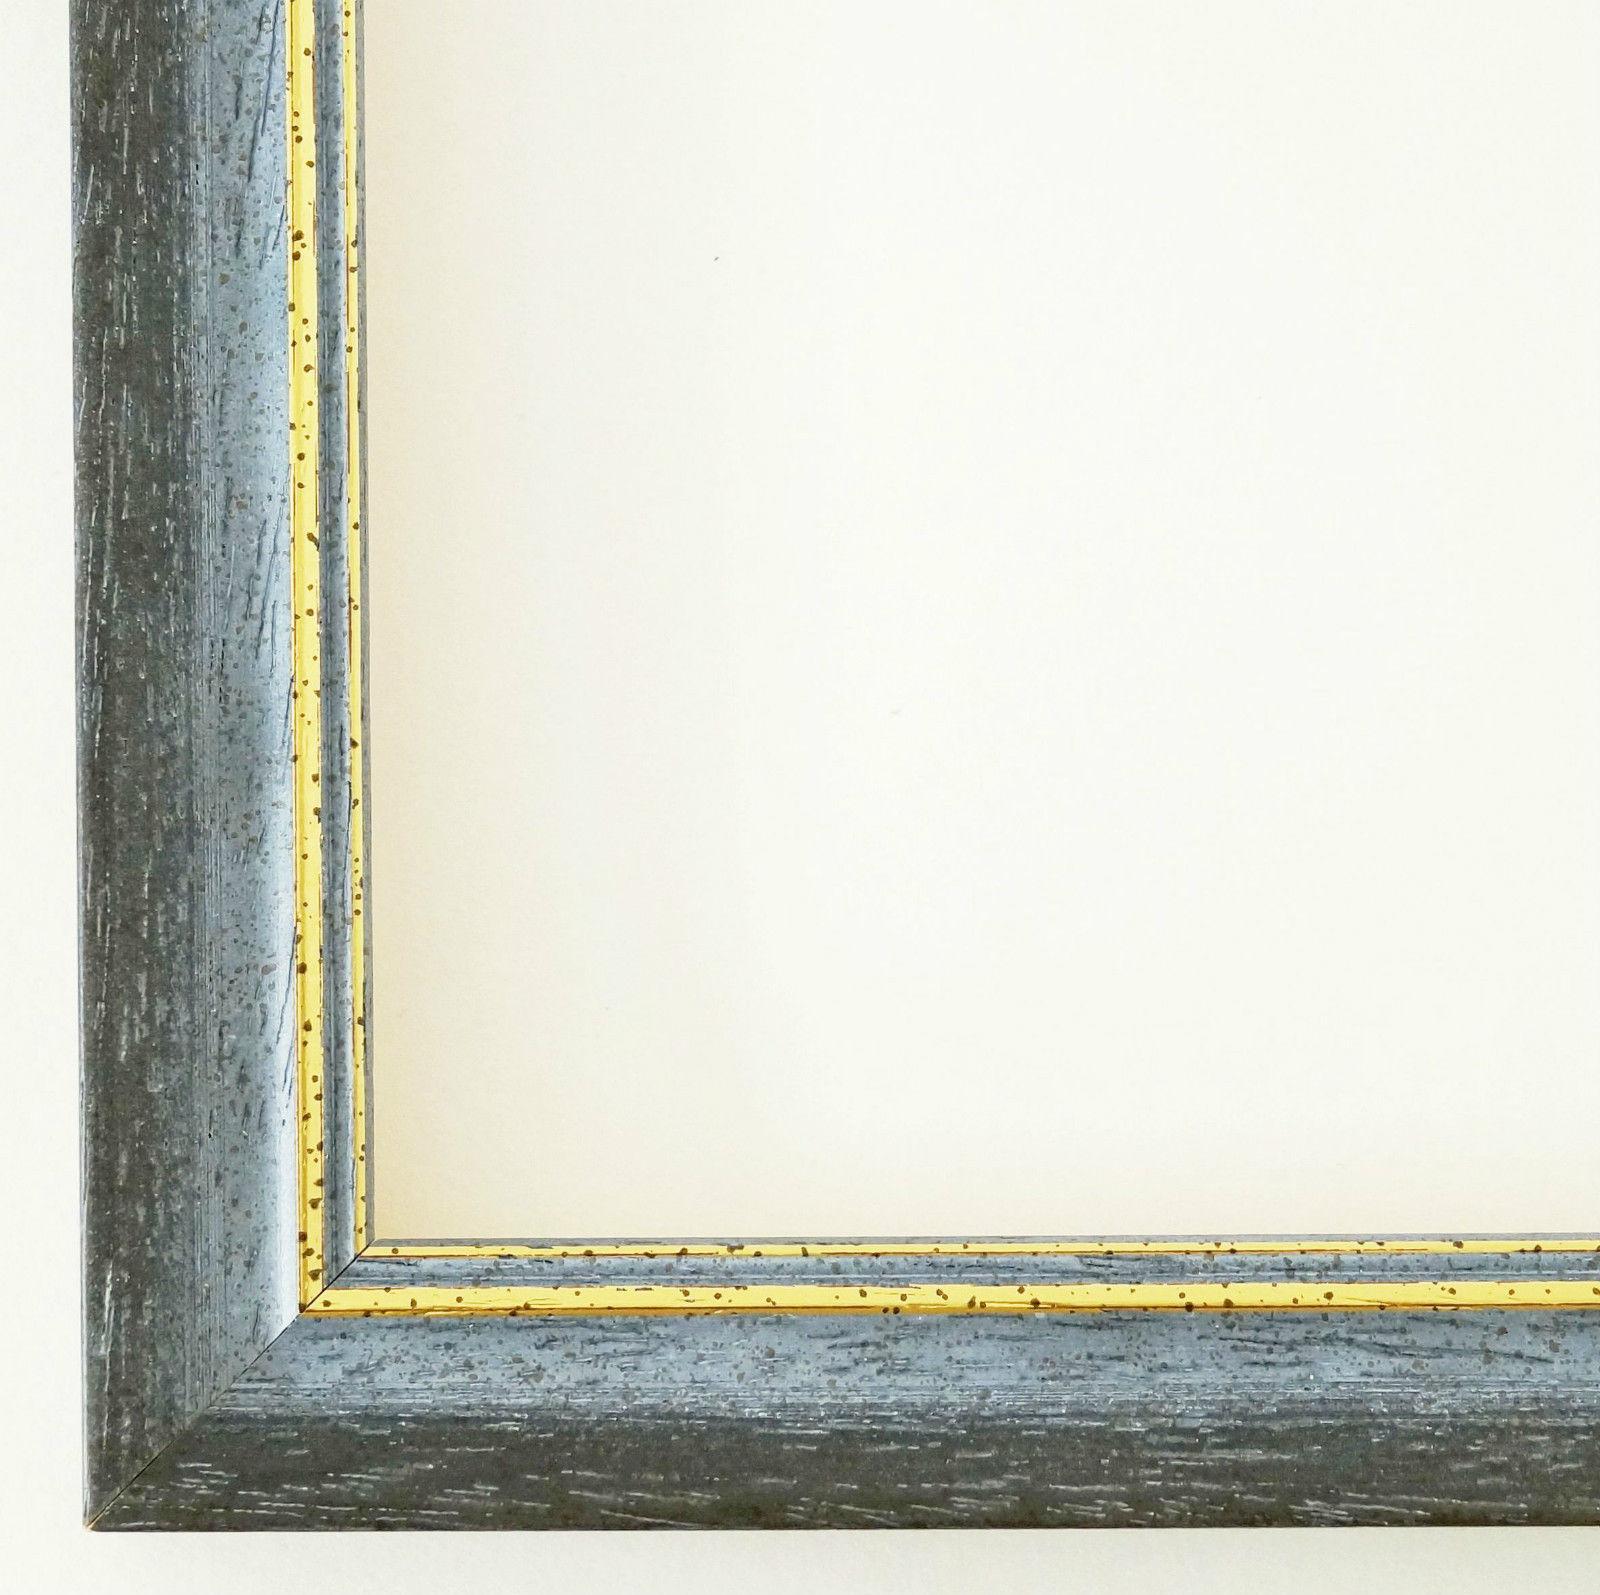 Bilderrahmen Blau Gold Antik Barock Rahmen Holz Klassisch ...